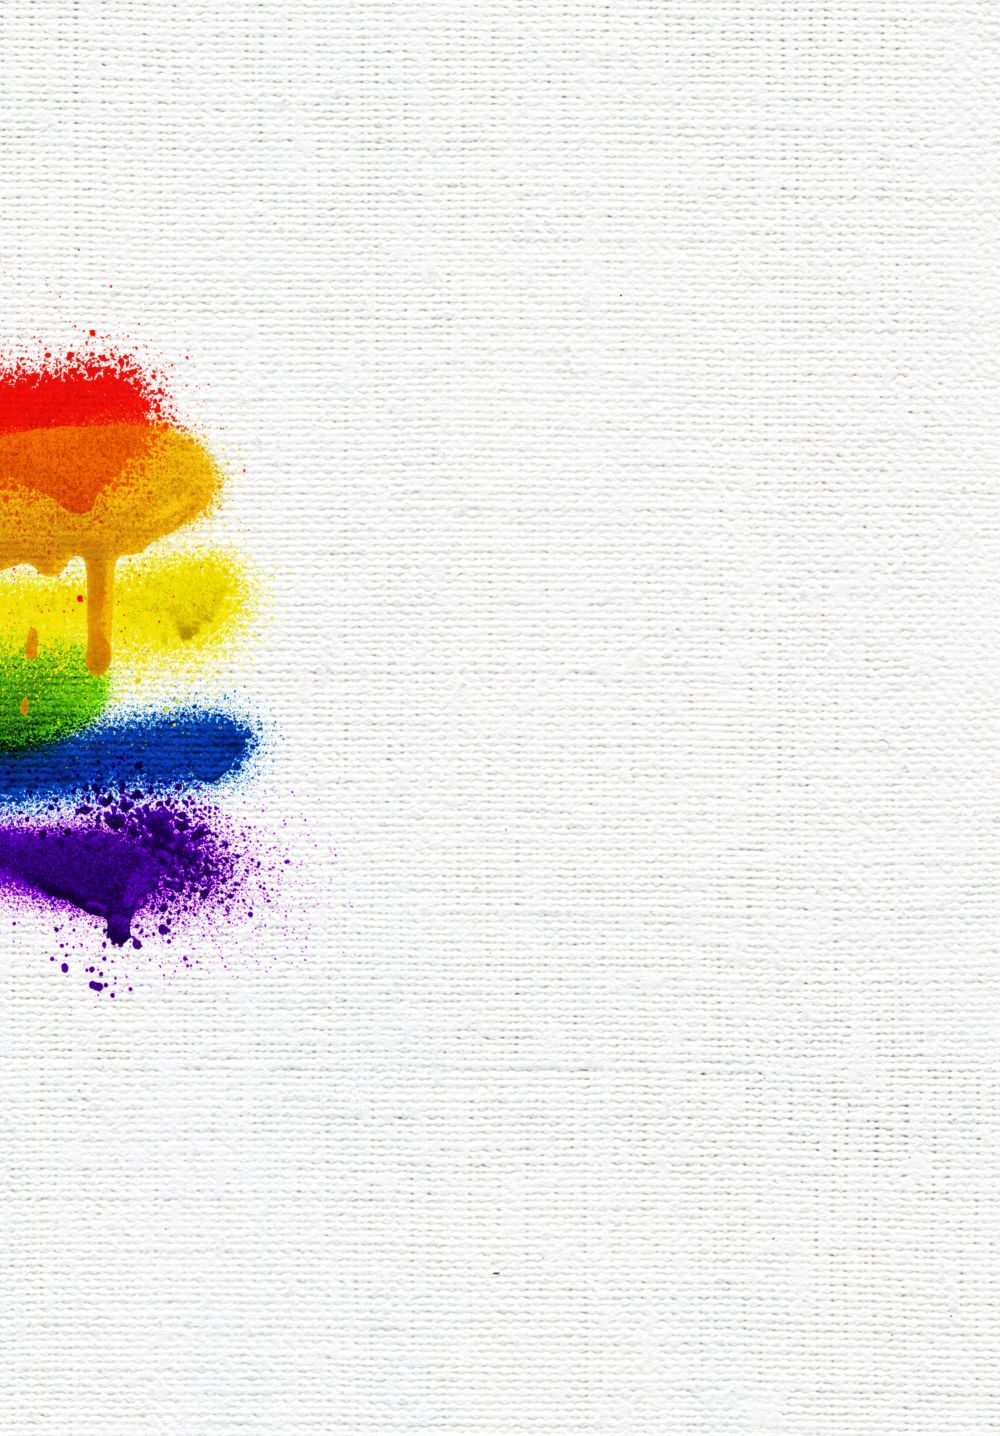 Ansicht 4 - Kirchenheft Umschlag Regenbogenliebe